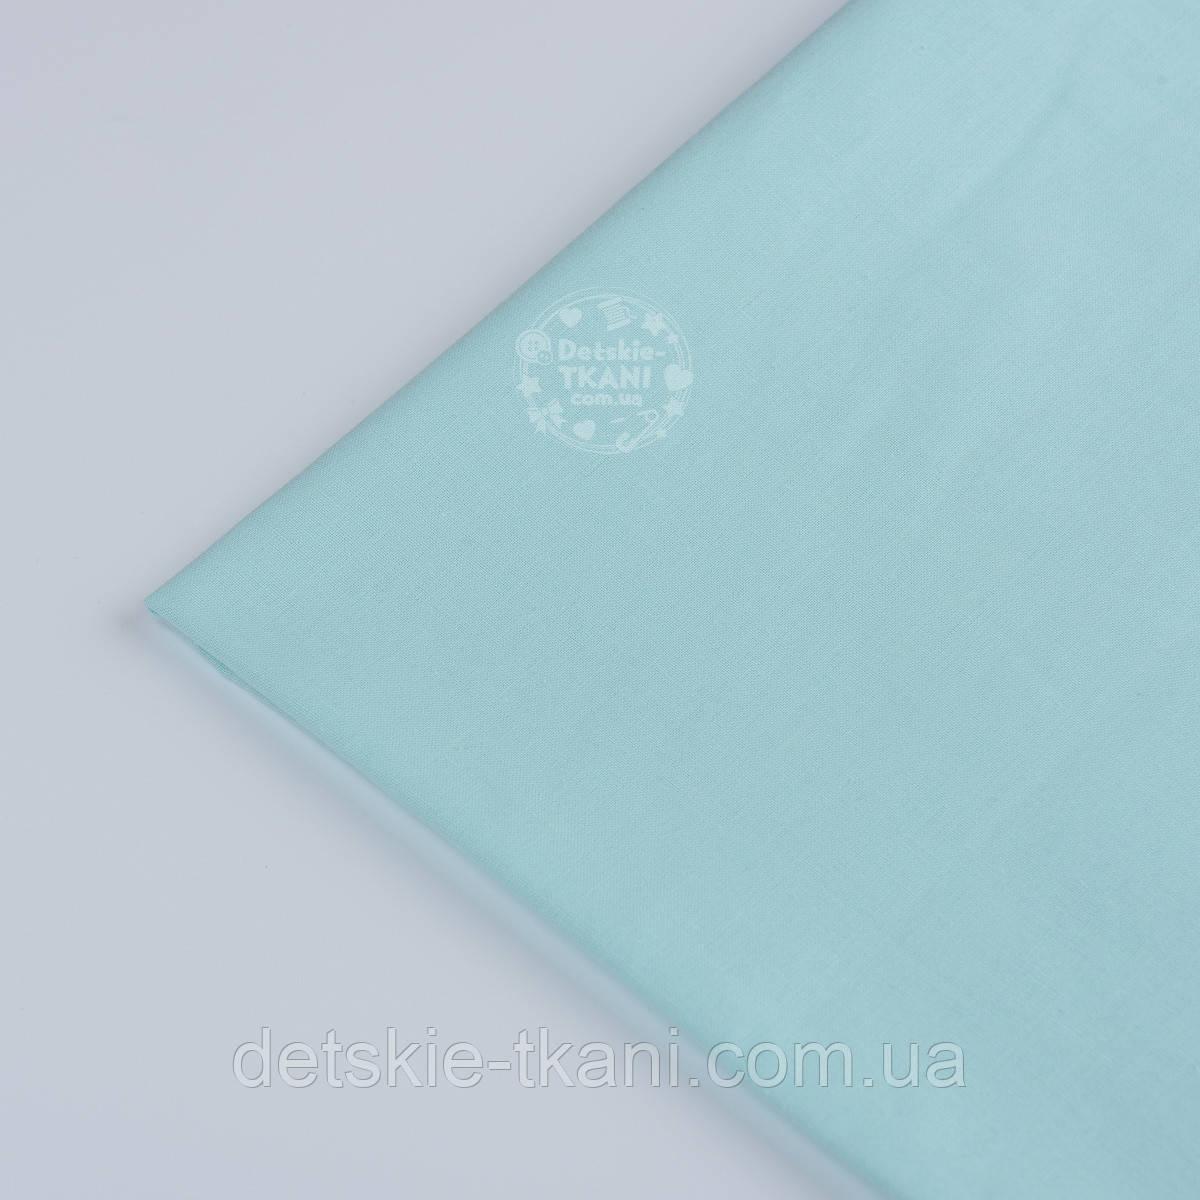 Лоскут ткани однотонная бязь светло-мятного цвета, размер 41*80 см